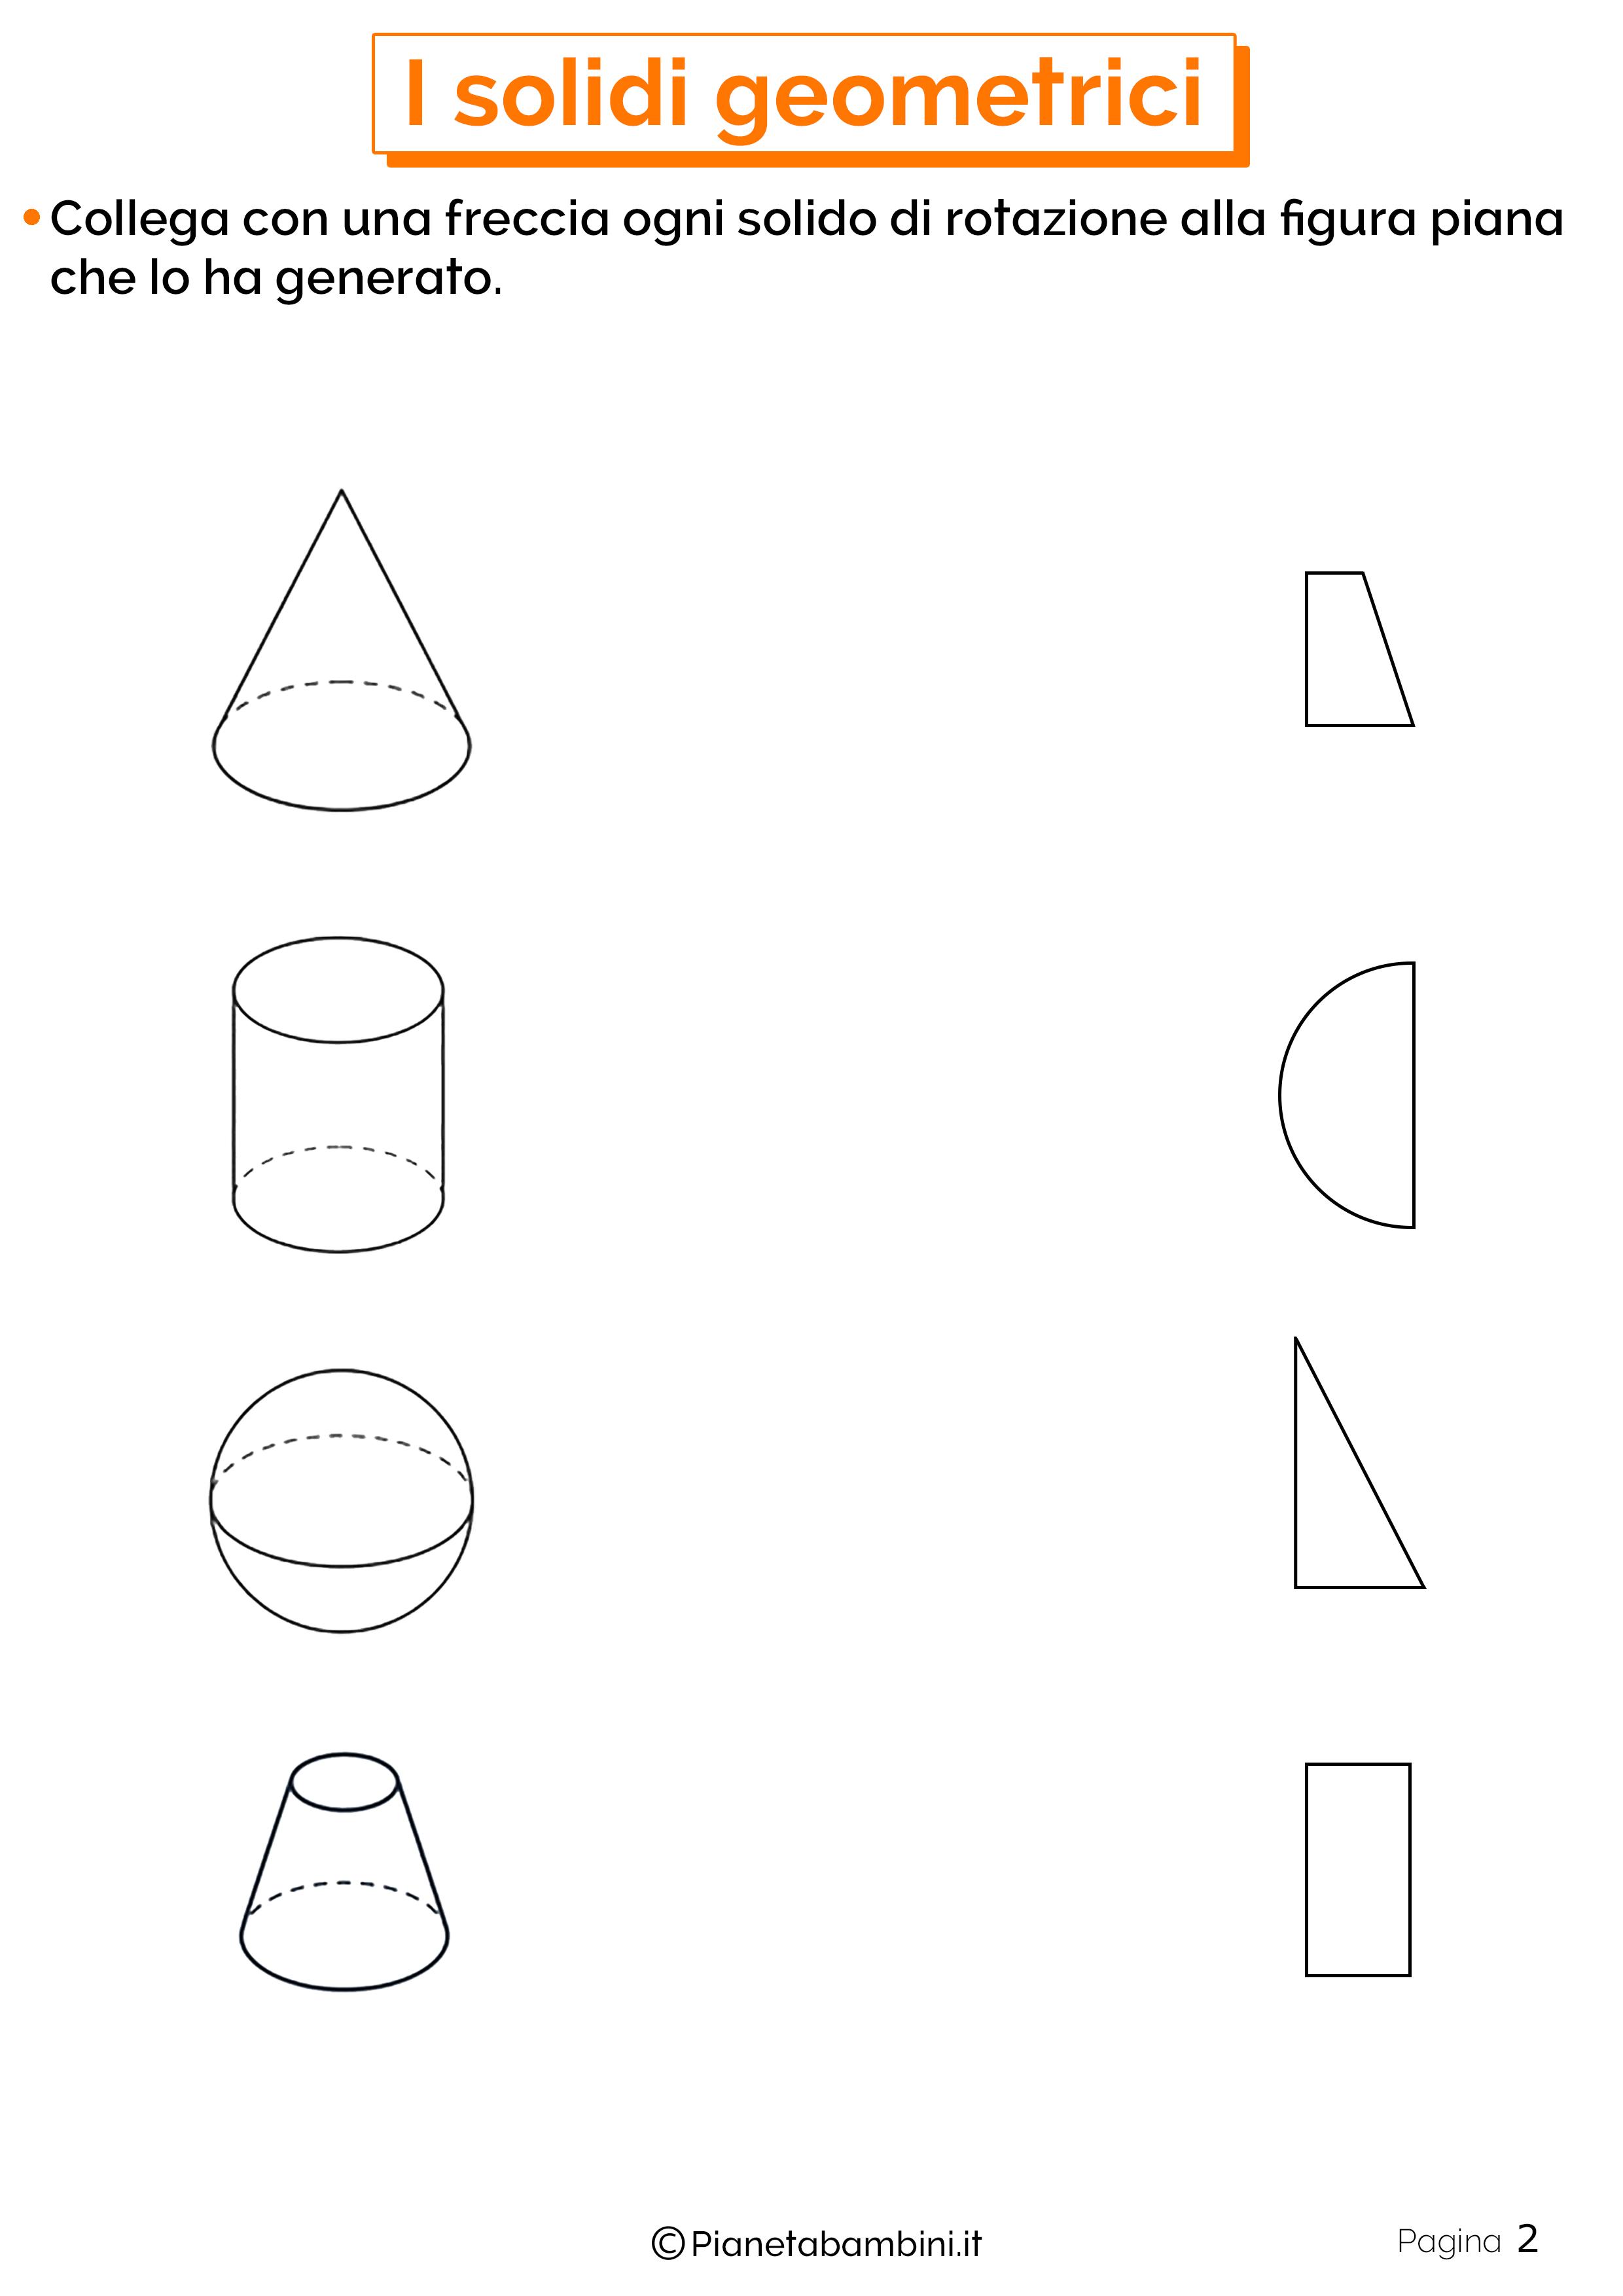 Schede didattiche sui solidi geometrici 2